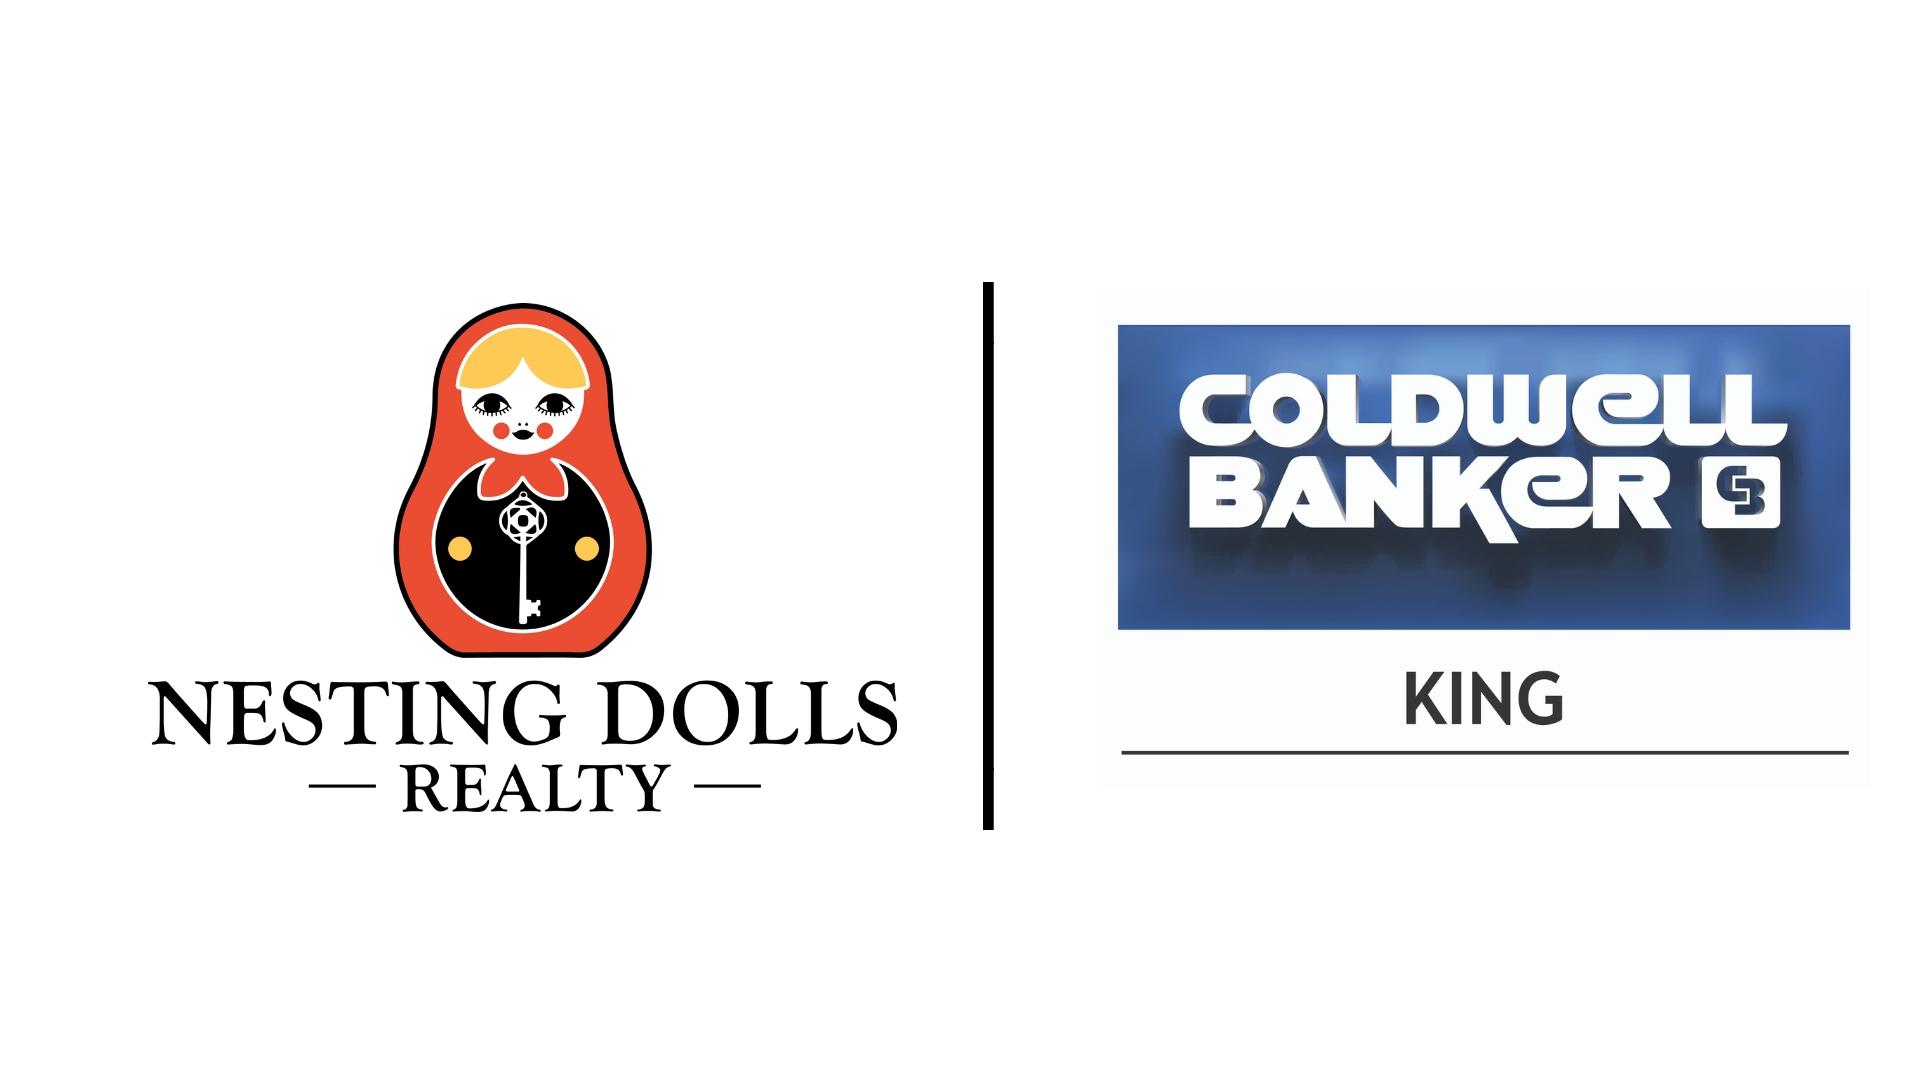 Nesting Dolls Realty.jpg